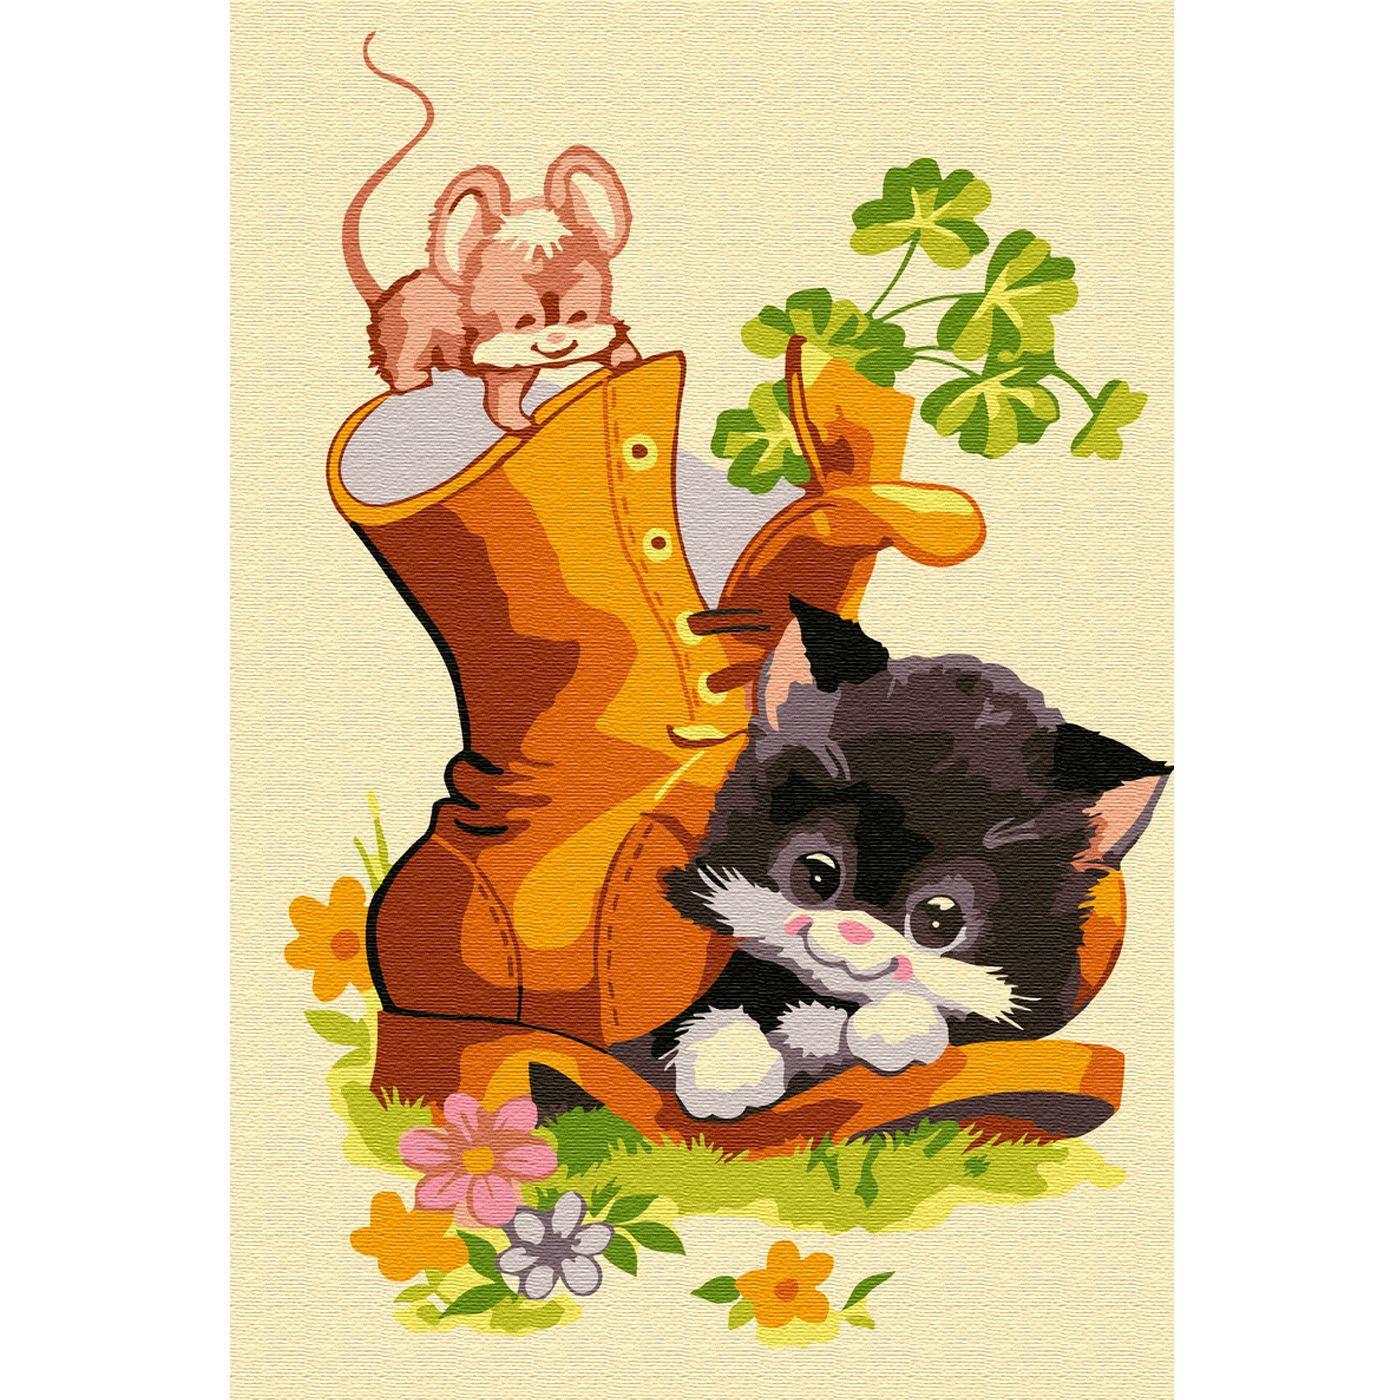 Картина по номерам 20х30см Котенок в ботинке (15 цветов)